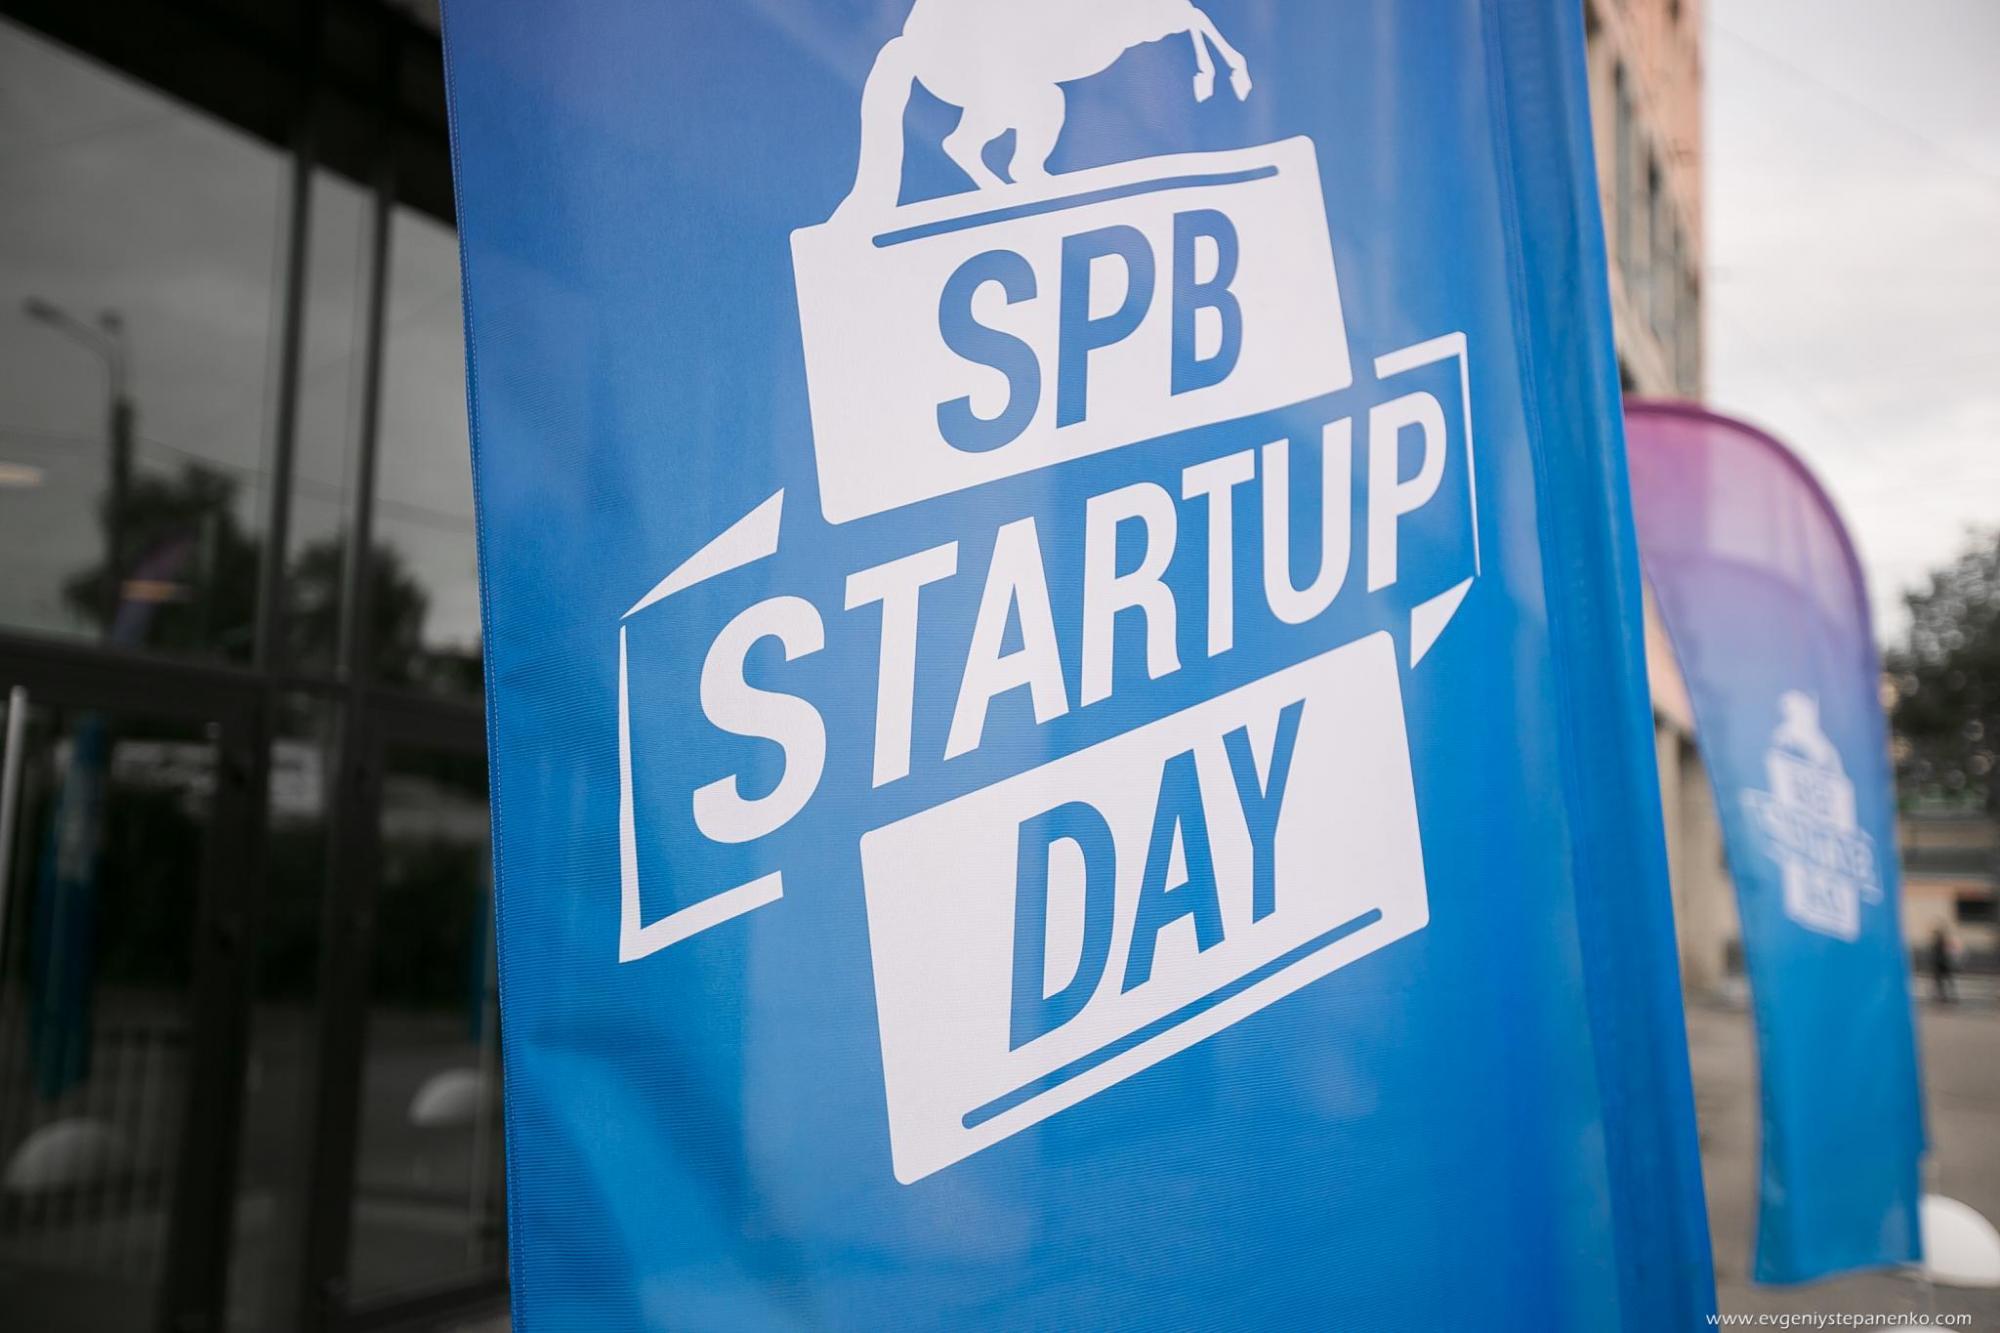 Победа в номинации «лучший стартап с перспективой выхода на американский рынок», Spb Startup Day 2017 и мысли про питчи - 1